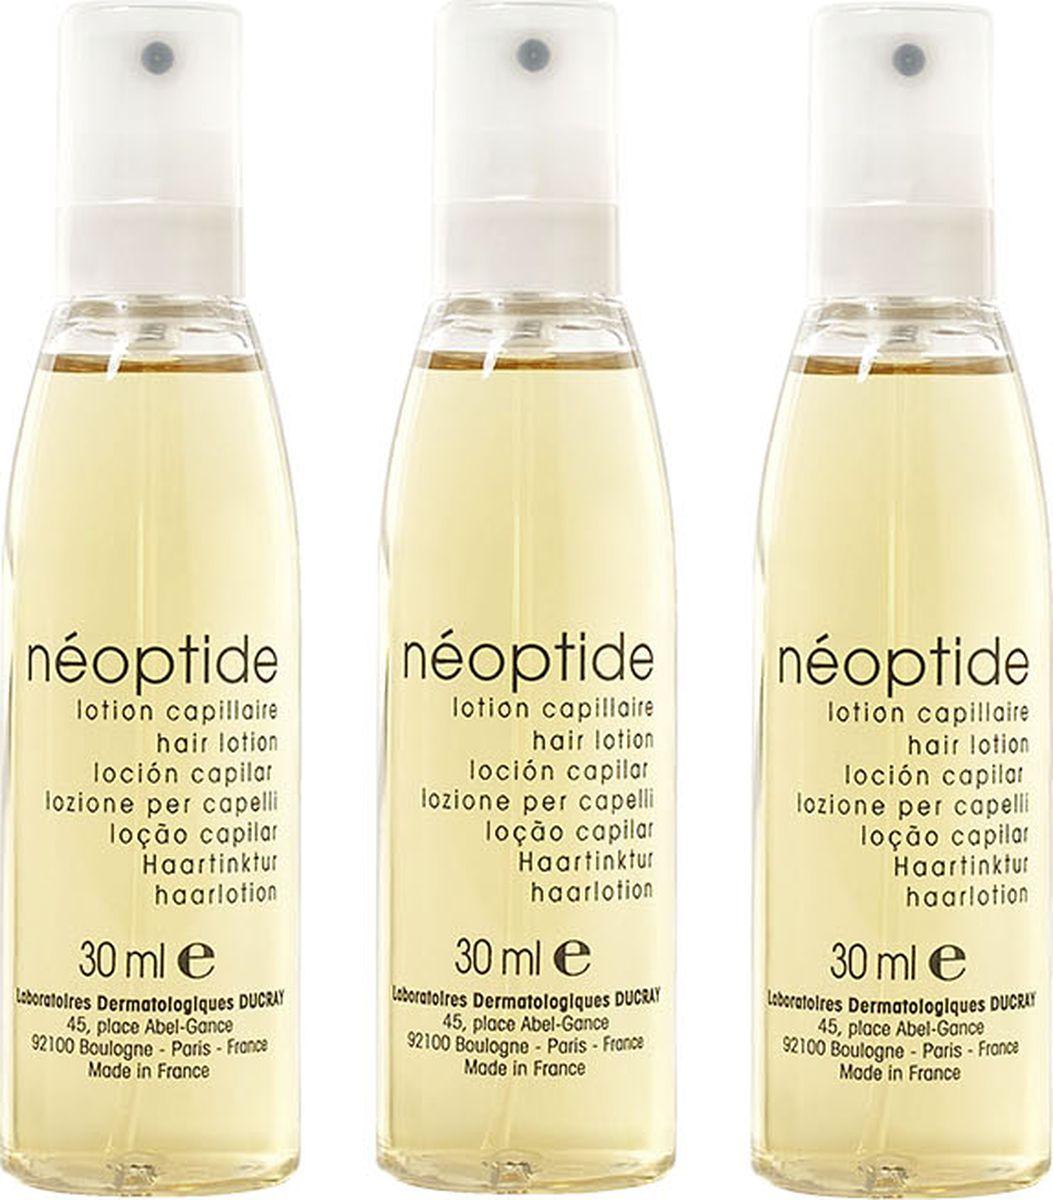 Ducray Лосьон Neoptide от выпадения волос 3 х 30 млC24208Стимулирующий лосьон Neoptide (Неоптид) целенаправленно воздействует на фазу роста волоса у женщин. ТЕТРАПЕПТИД, ЭКСТРАКТ РУСКУСА НИКОТИНАМИД и МОЛЕКУЛА GP4G эффективно останавливают выпадение волос и стимулируют рост новых за счёт улучшения обменных процессов в волосяной луковице. Легкая текстура отлично подходит для ежедневного использования, так как не склеивает и не утяжеляет волосы. Продукт не требует смывания.